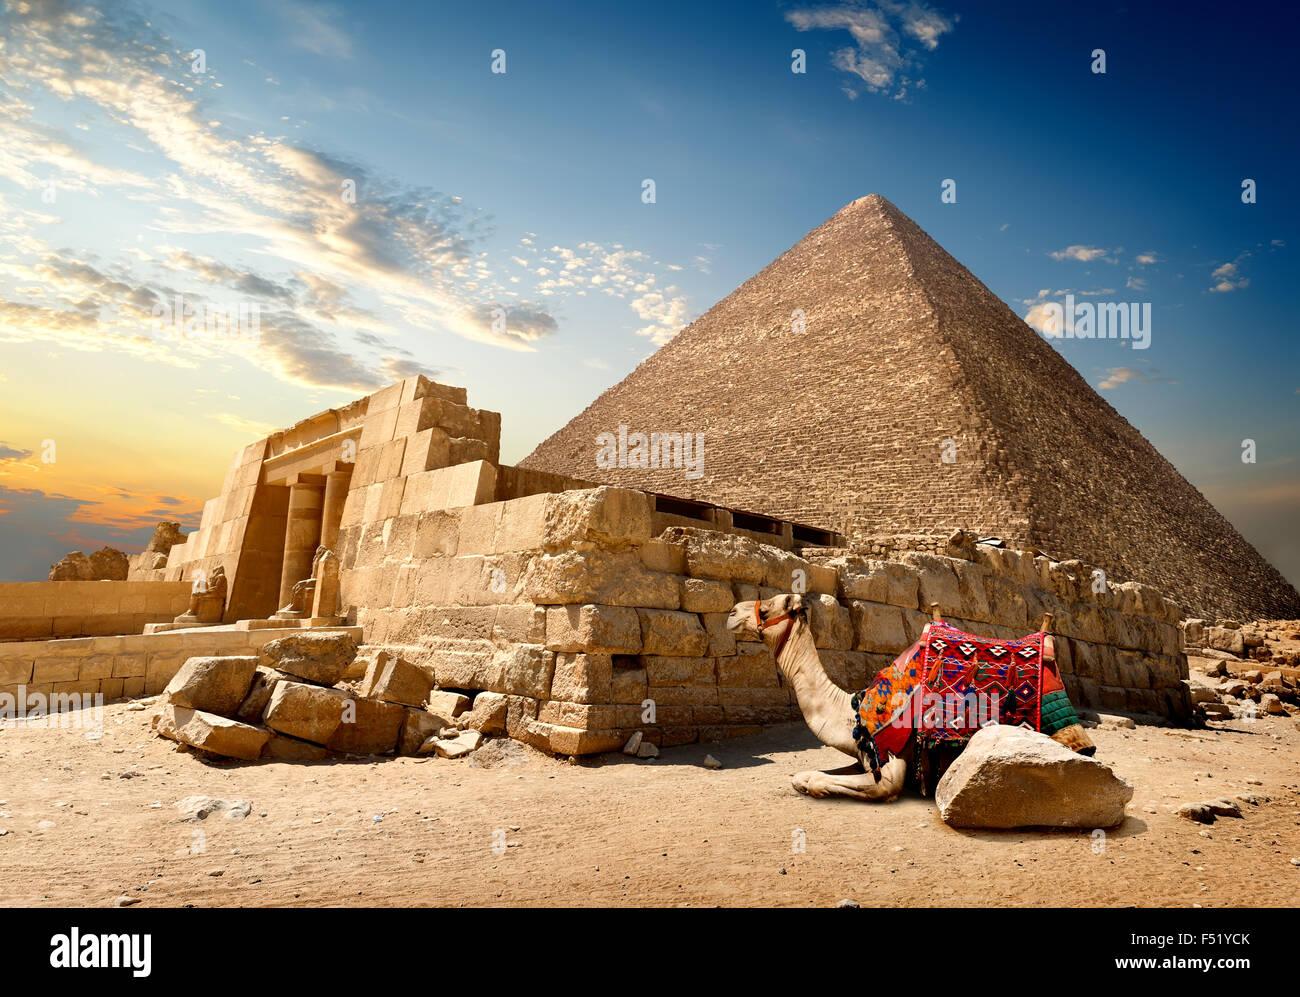 Camel poggia nei pressi di rovine di ingresso alla piramide Immagini Stock